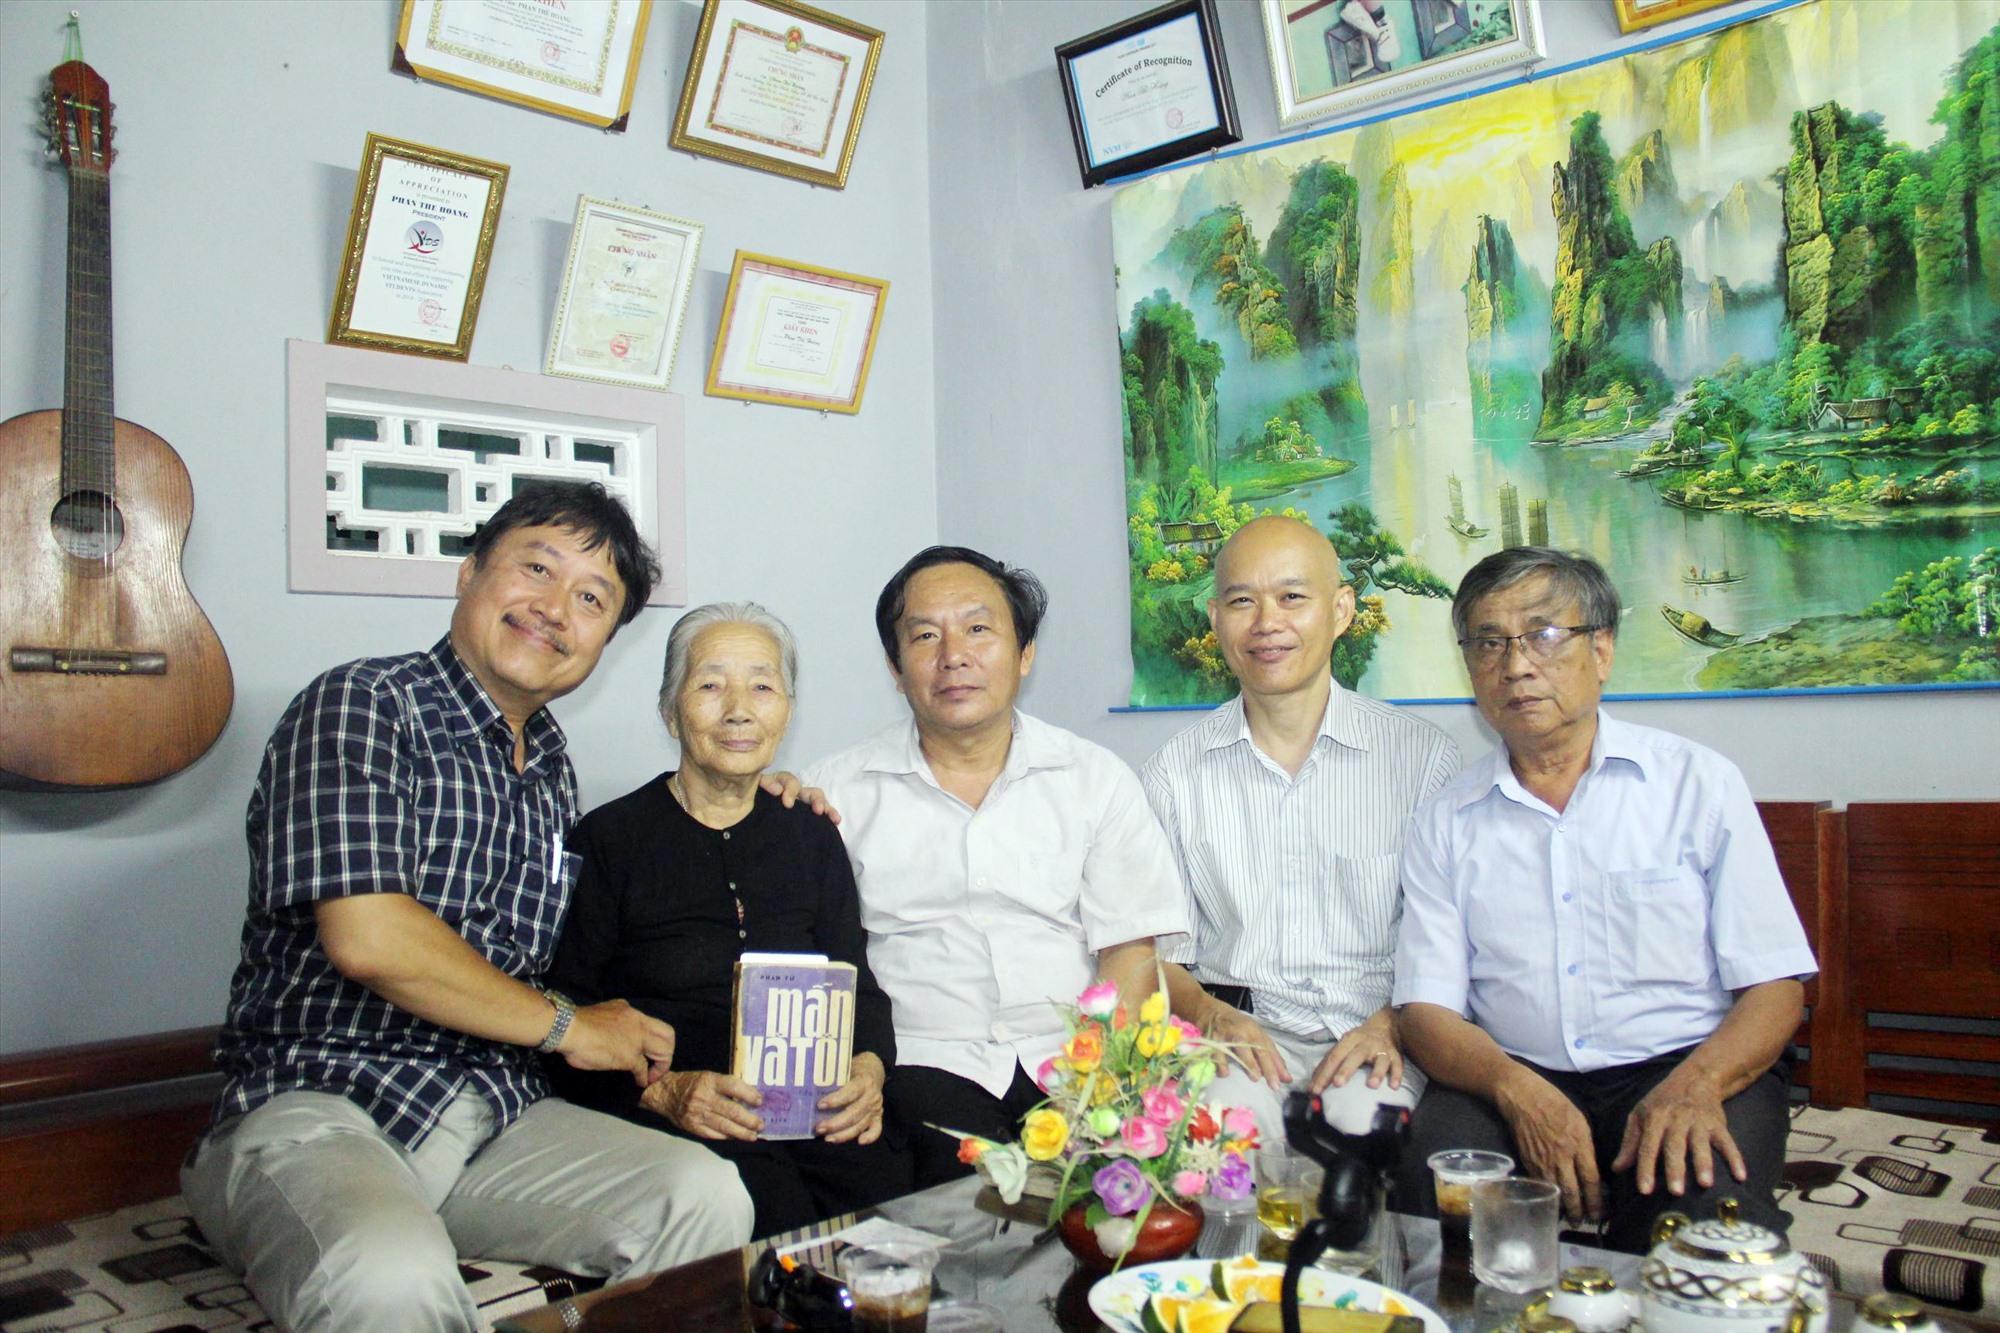 """Tác giả Phạm Thông và ông Vũ Hồng Sơn (từ bên phải) cùng bà Võ Thị Phận trong ngày gặp lại sau khi được """"minh oan"""".Ảnh: V.H.S"""